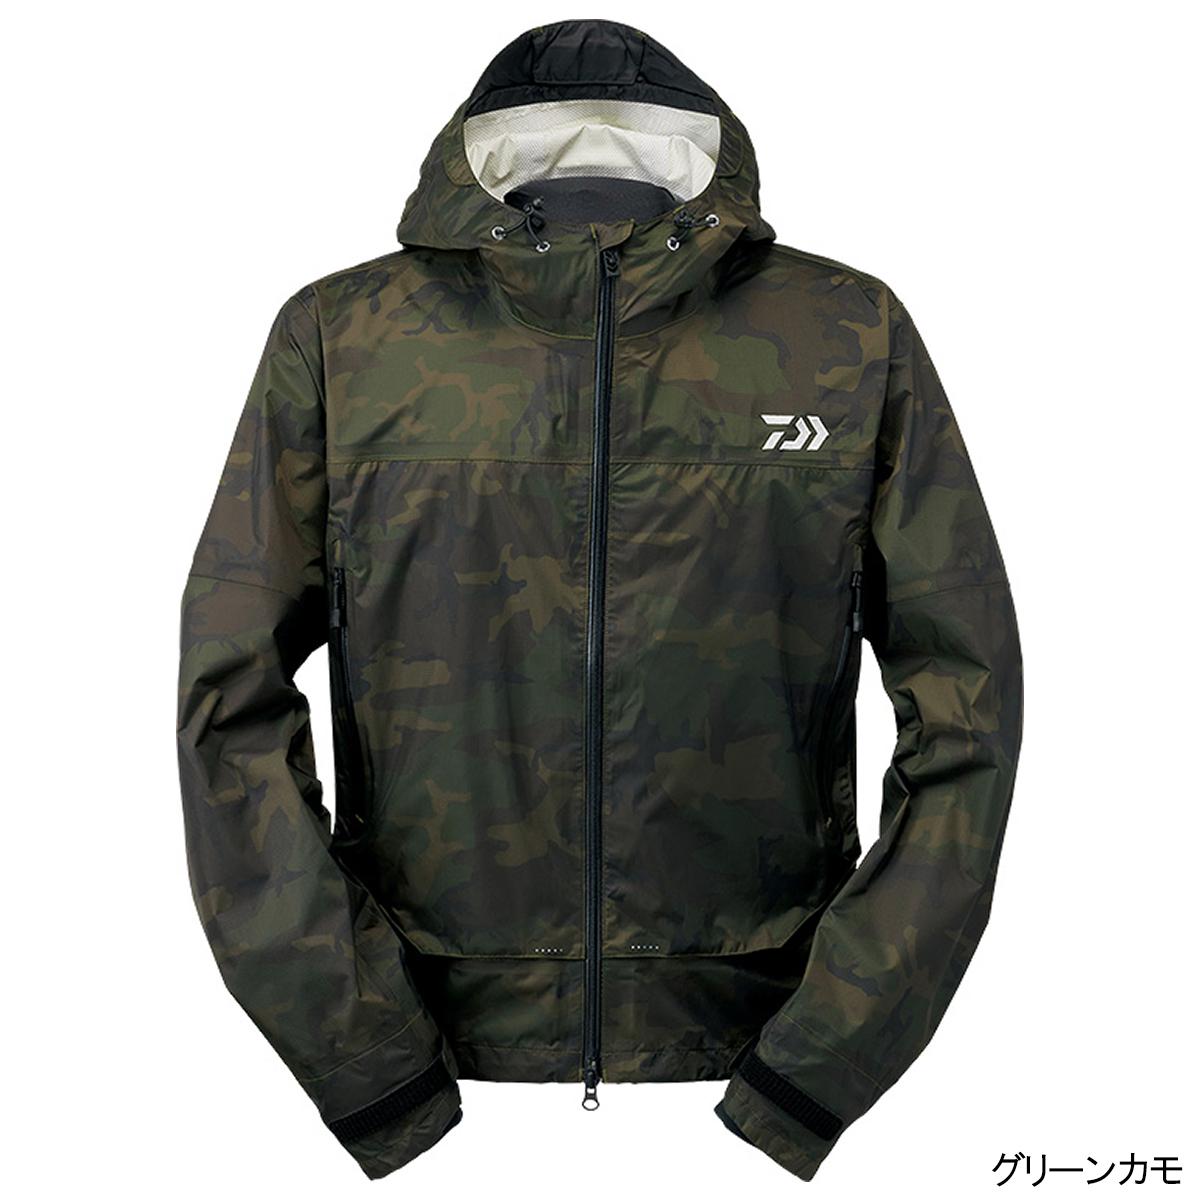 ダイワ レインマックス ショートレインジャケット DR-39009J L グリーンカモ(東日本店)